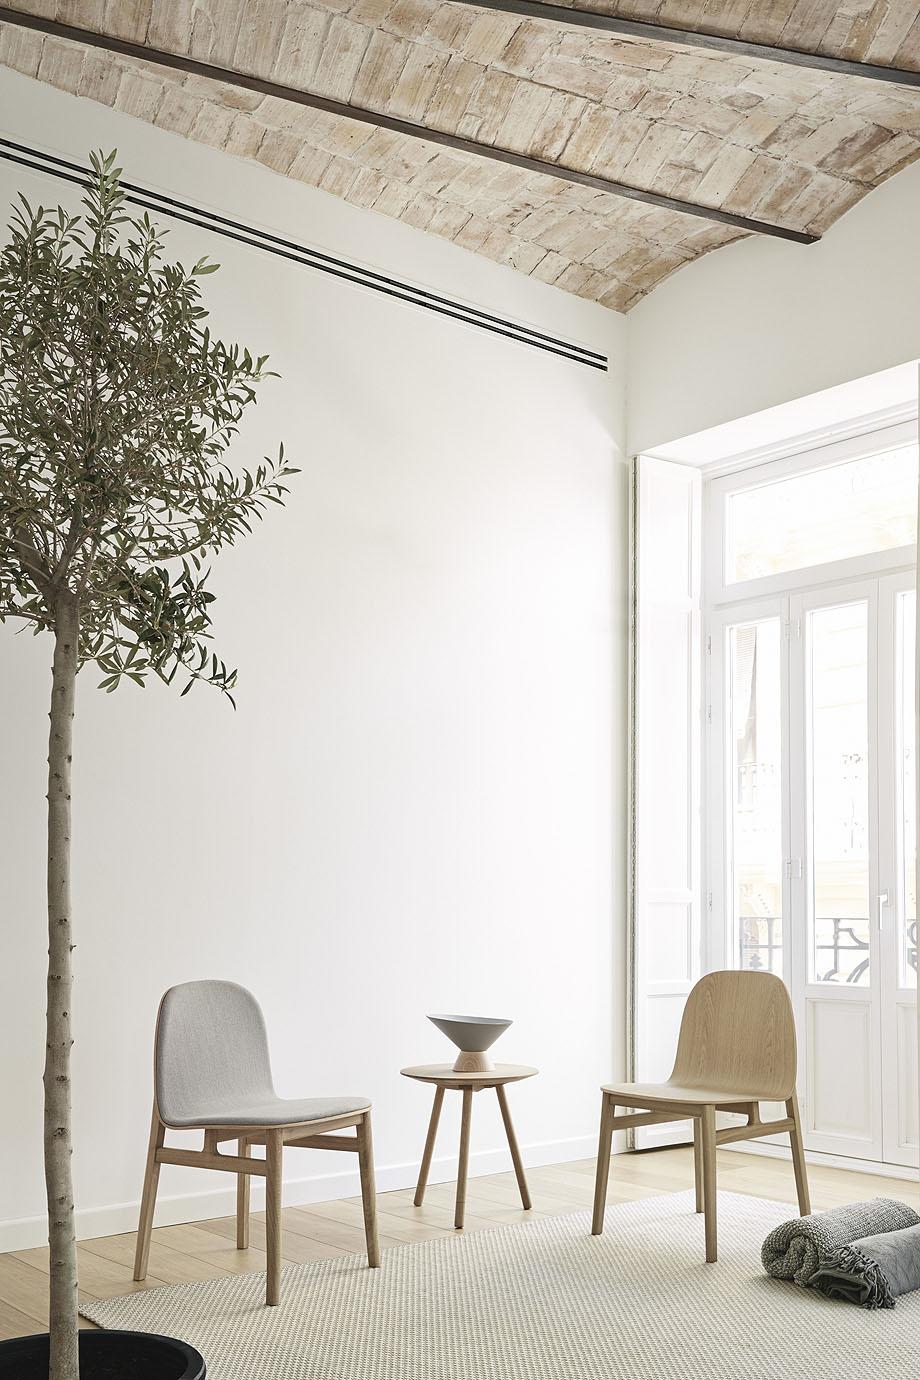 silla terra metal y madera de isaac piñeiro para omelette-ed (3)